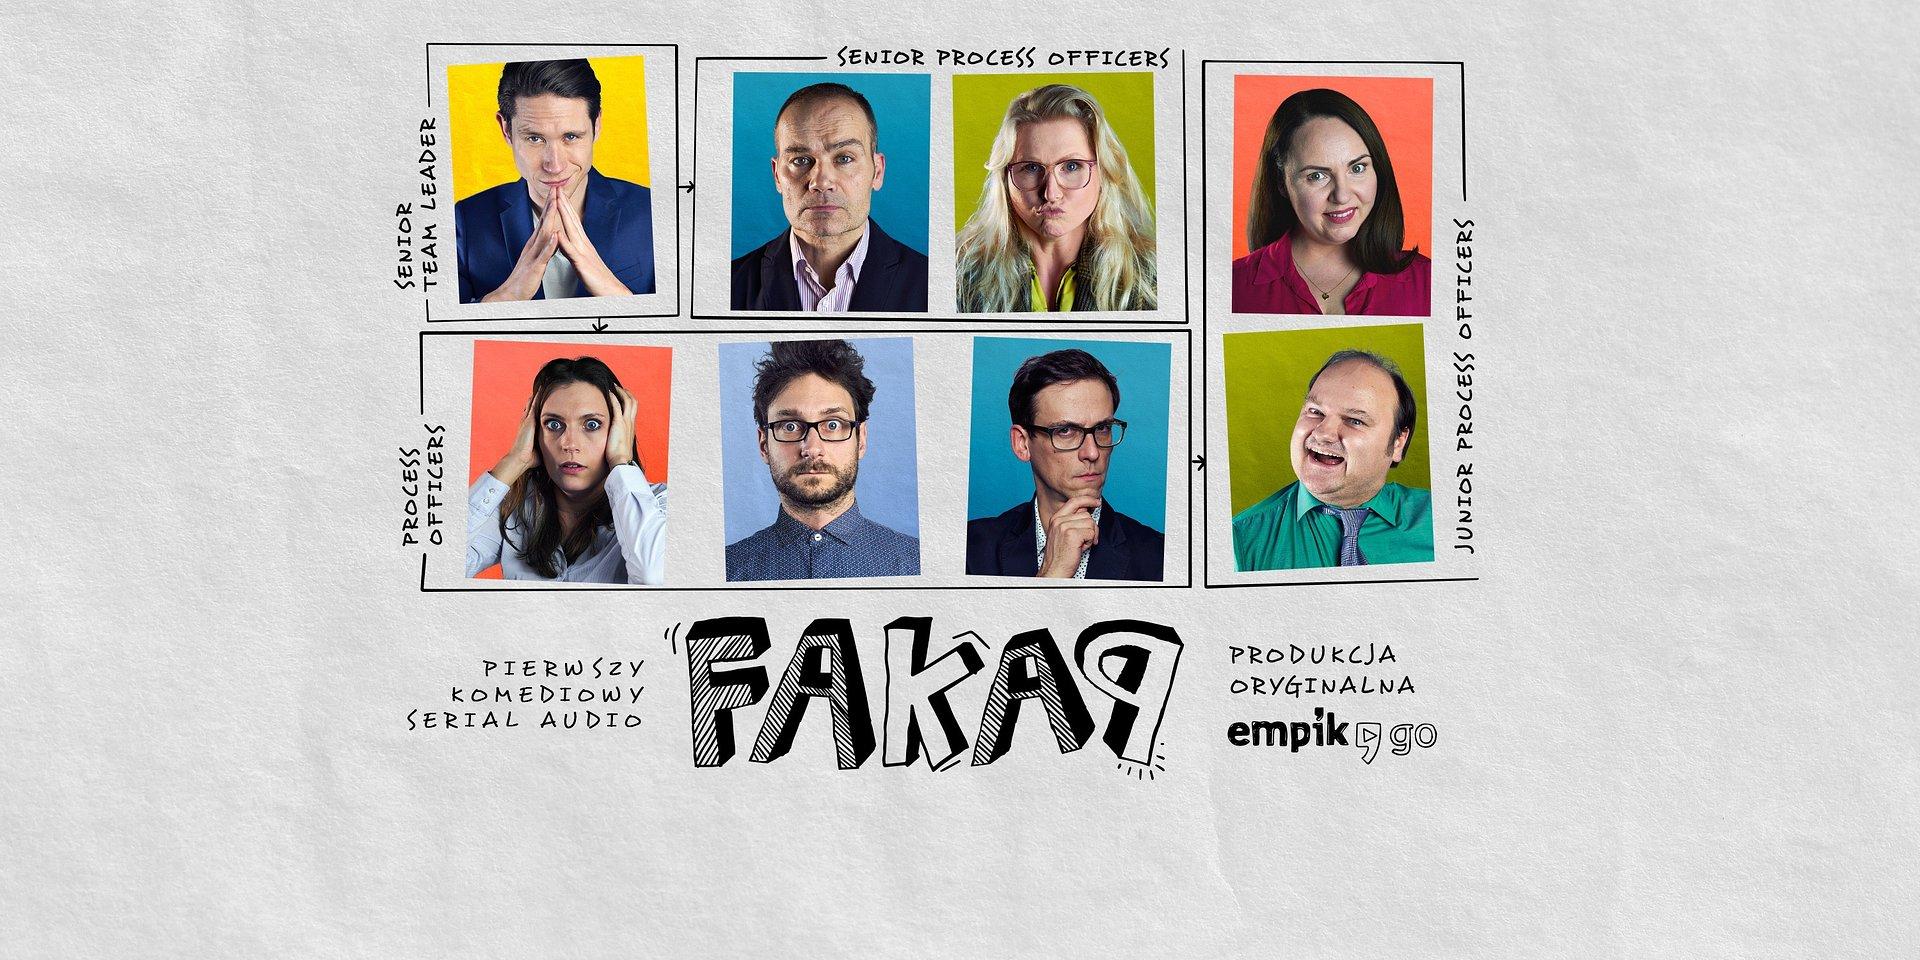 FAKAP | Pierwszy komediowy serial audio w Polsce zadebiutuje w Empik Go